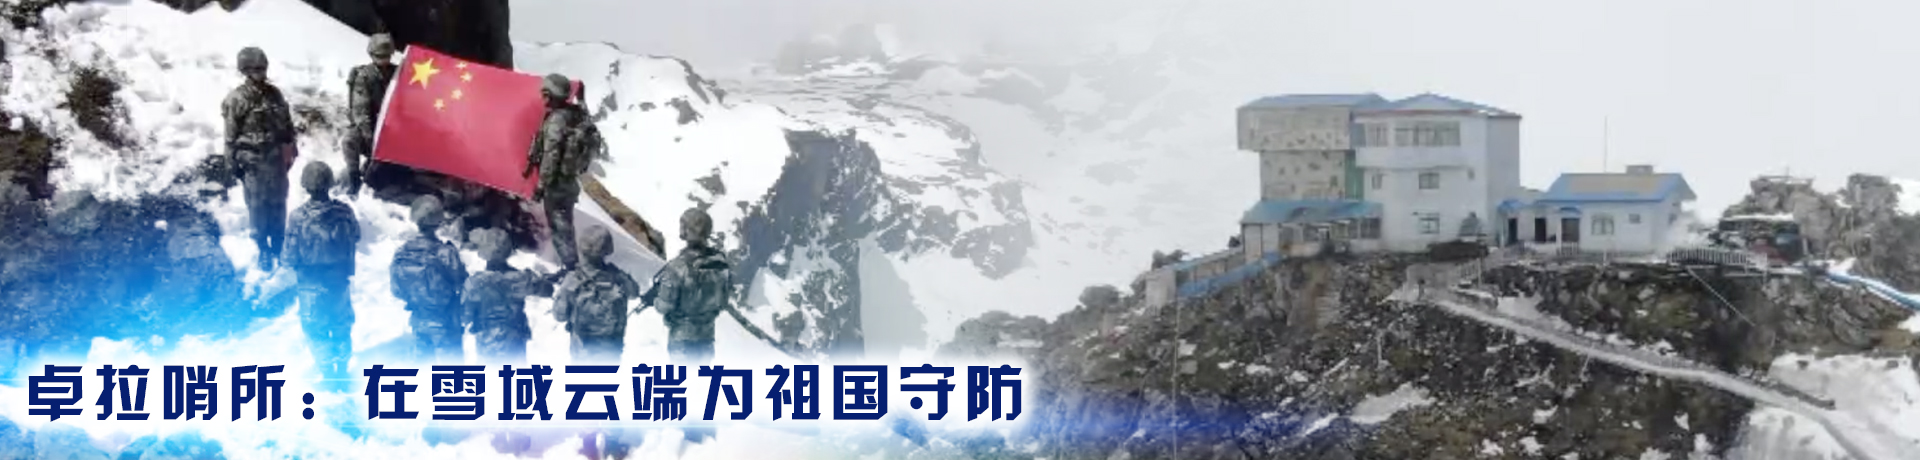 卓拉哨所:在雪域云端为祖国守防